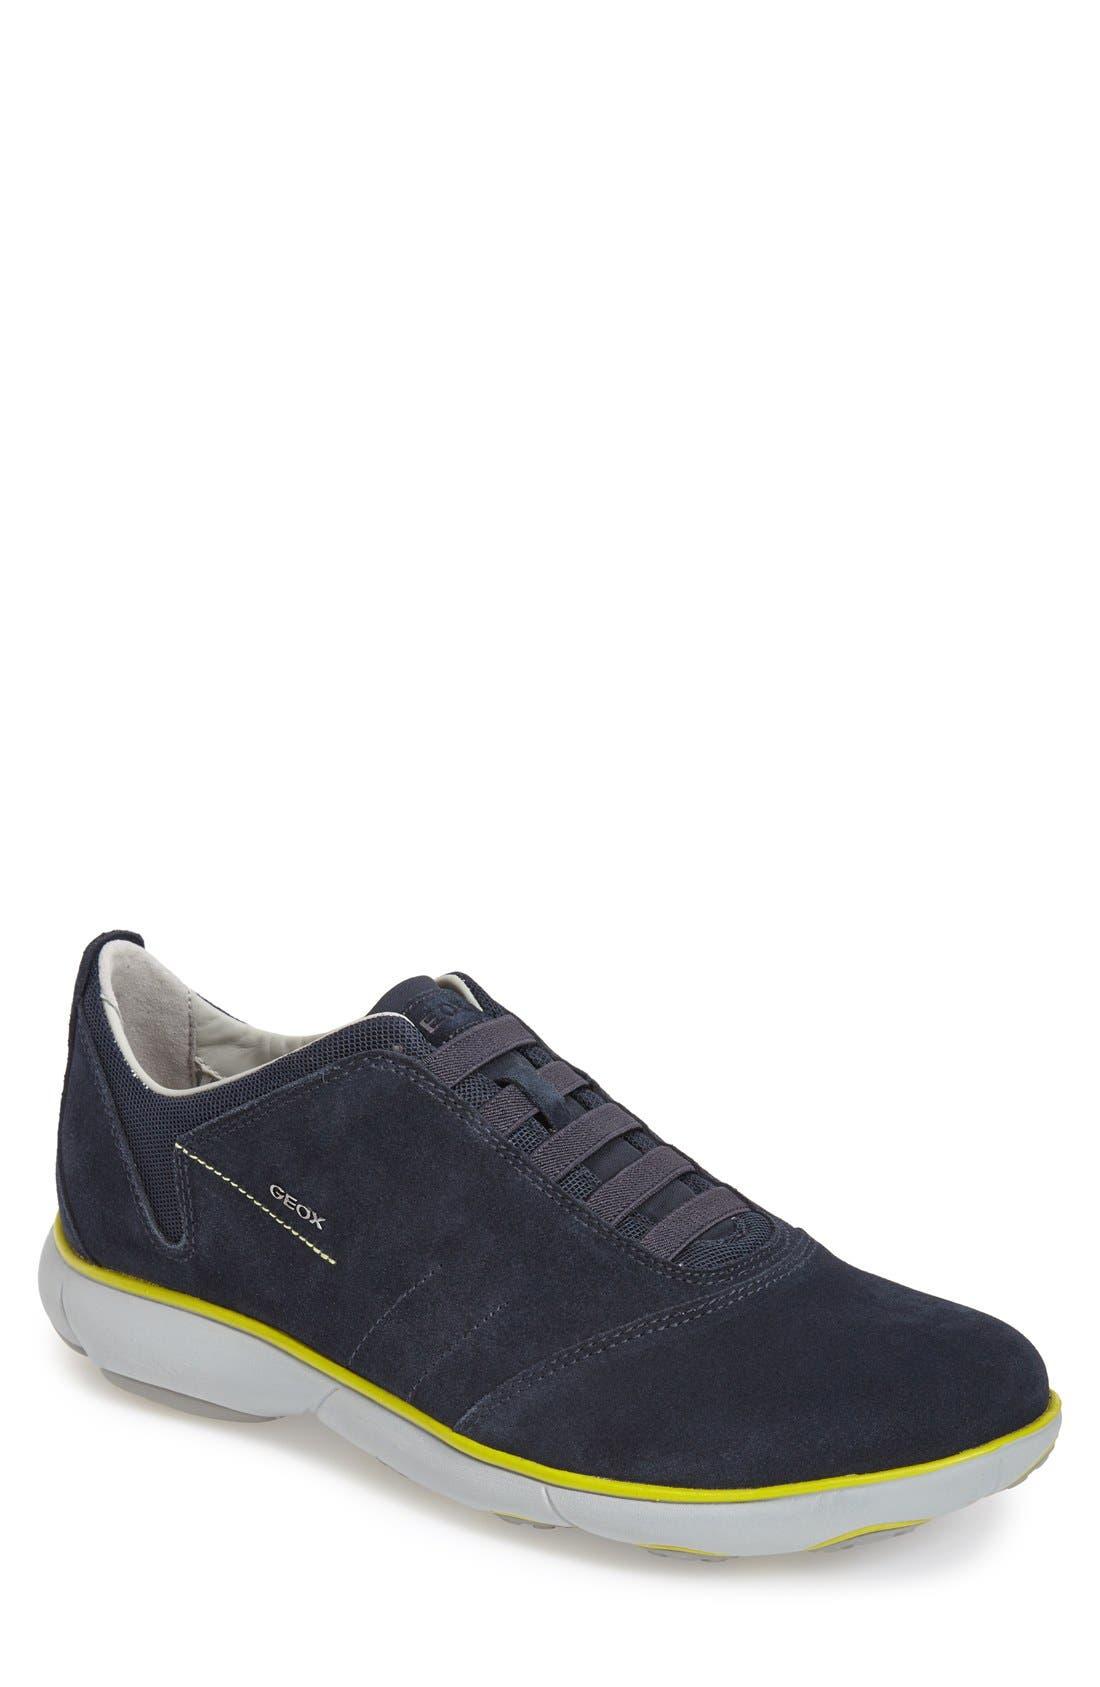 GEOX 'Nebula 7' Slip-On Sneaker